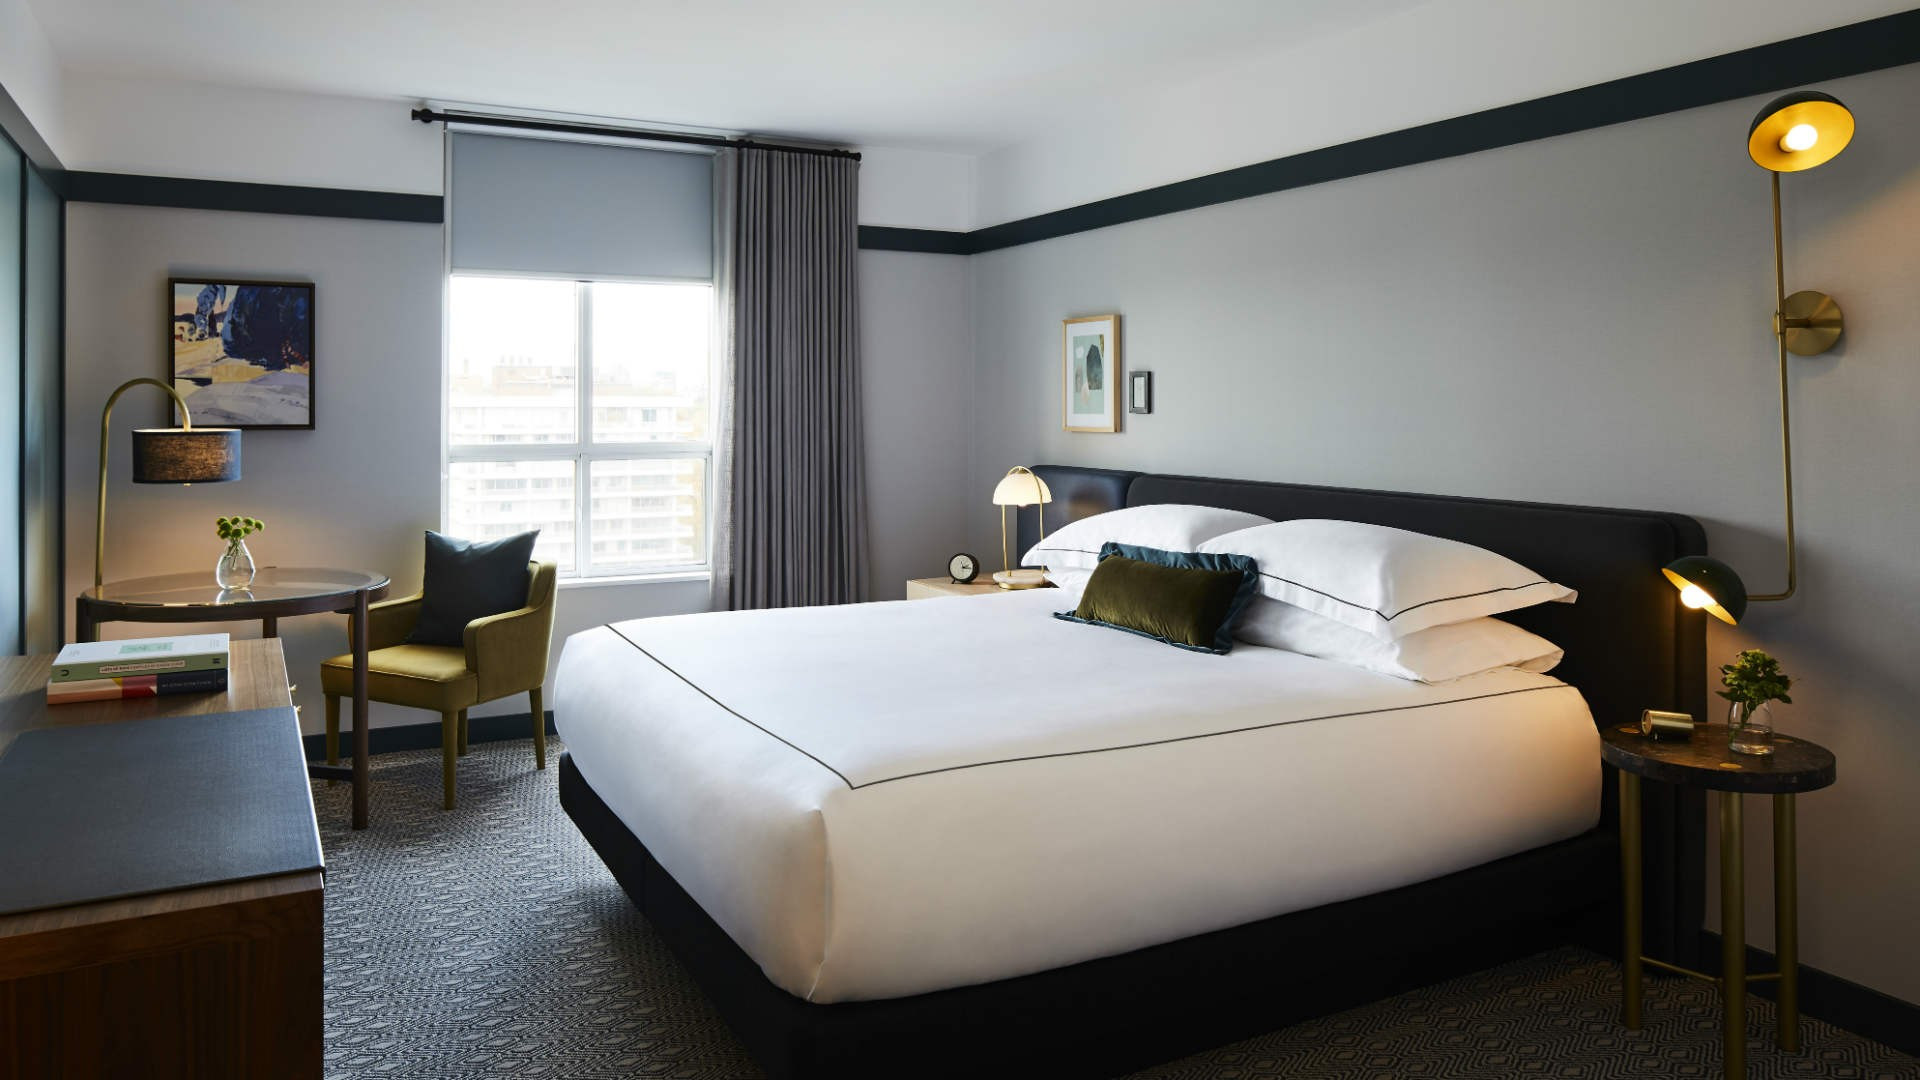 Best hotels Toronto staycation | Kimpton Saint George one bedroom suite